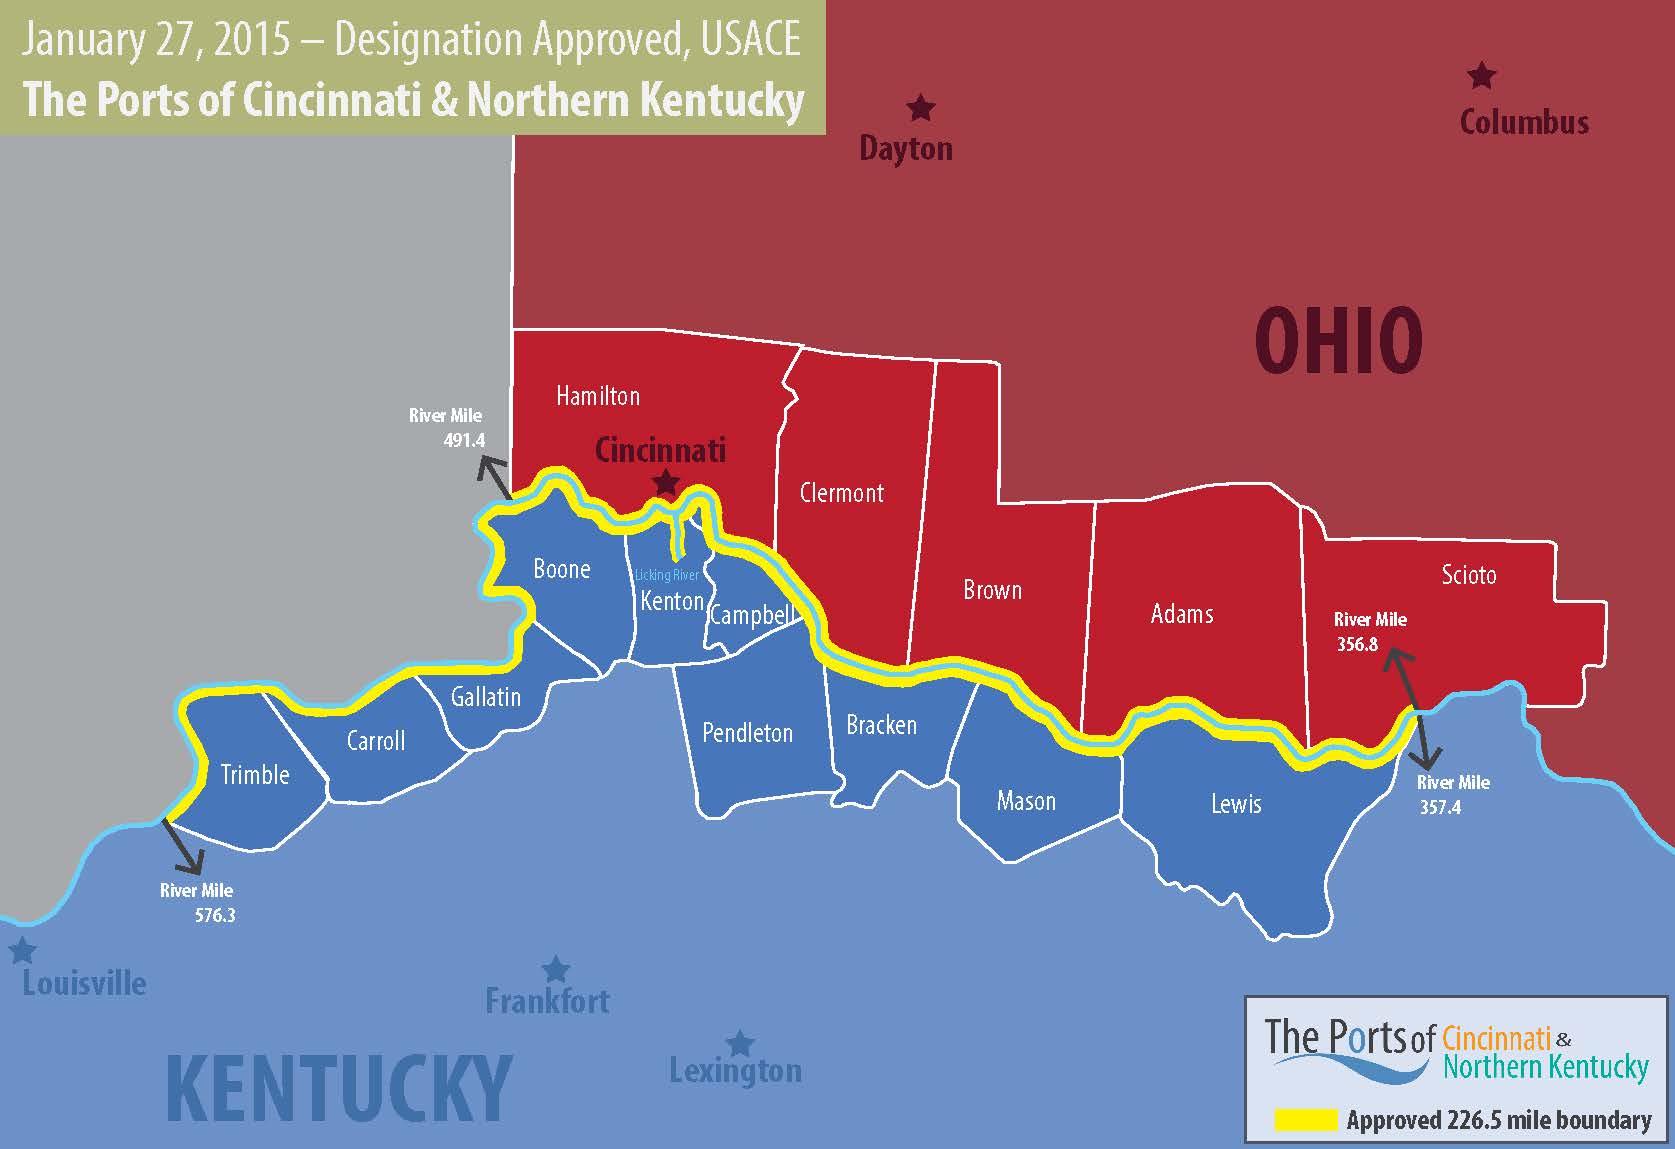 Kentucky: Kentucky Images